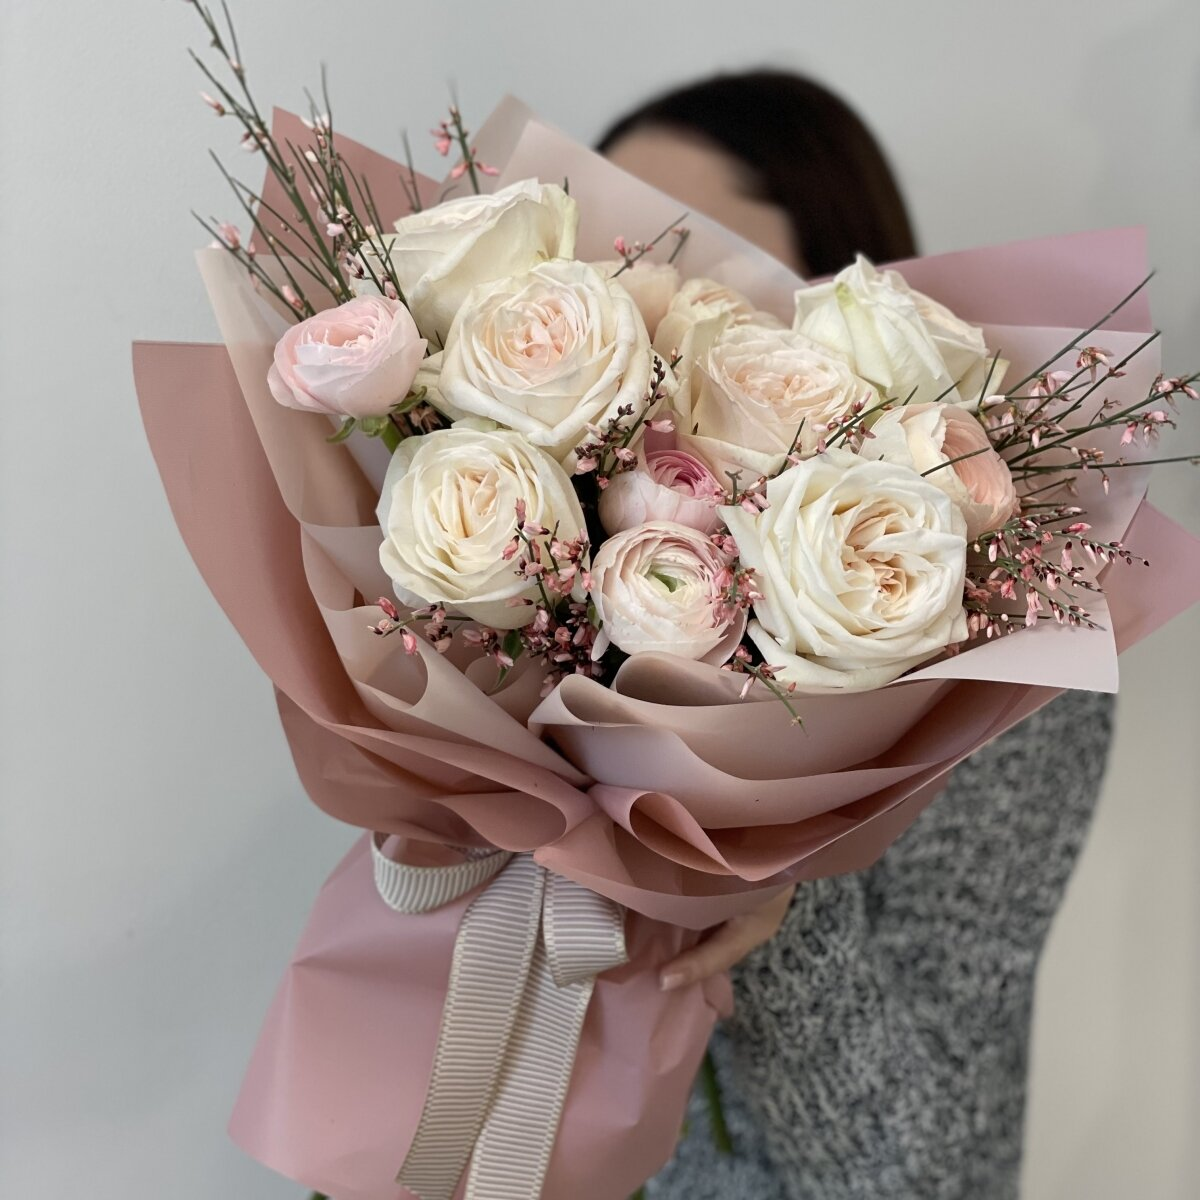 Букет Воздушный десерт из роз, ранункулюсов и генисты